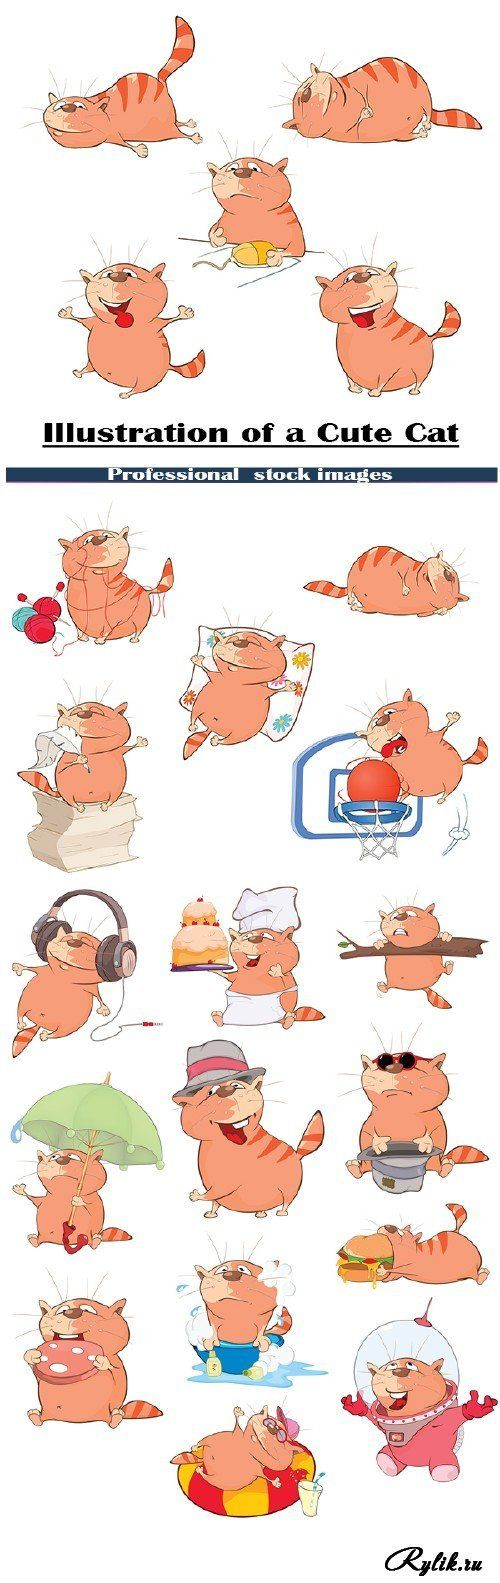 Забавные иллюстрации кота - векторный клипарт